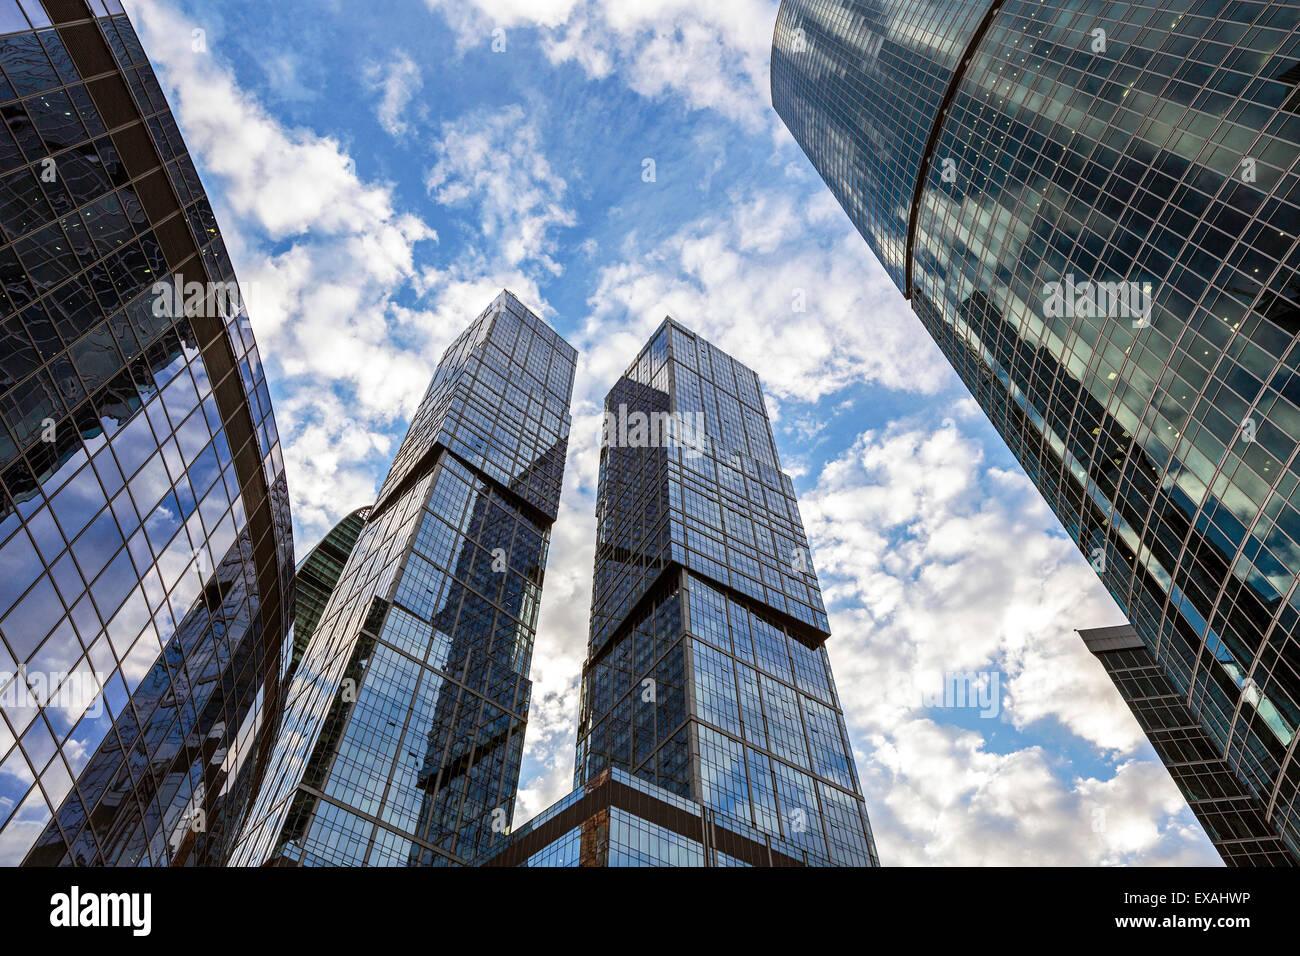 Gratte-ciel moderne de la Moscow-City International Business et finances développement, Moscou, Russie, Europe Photo Stock